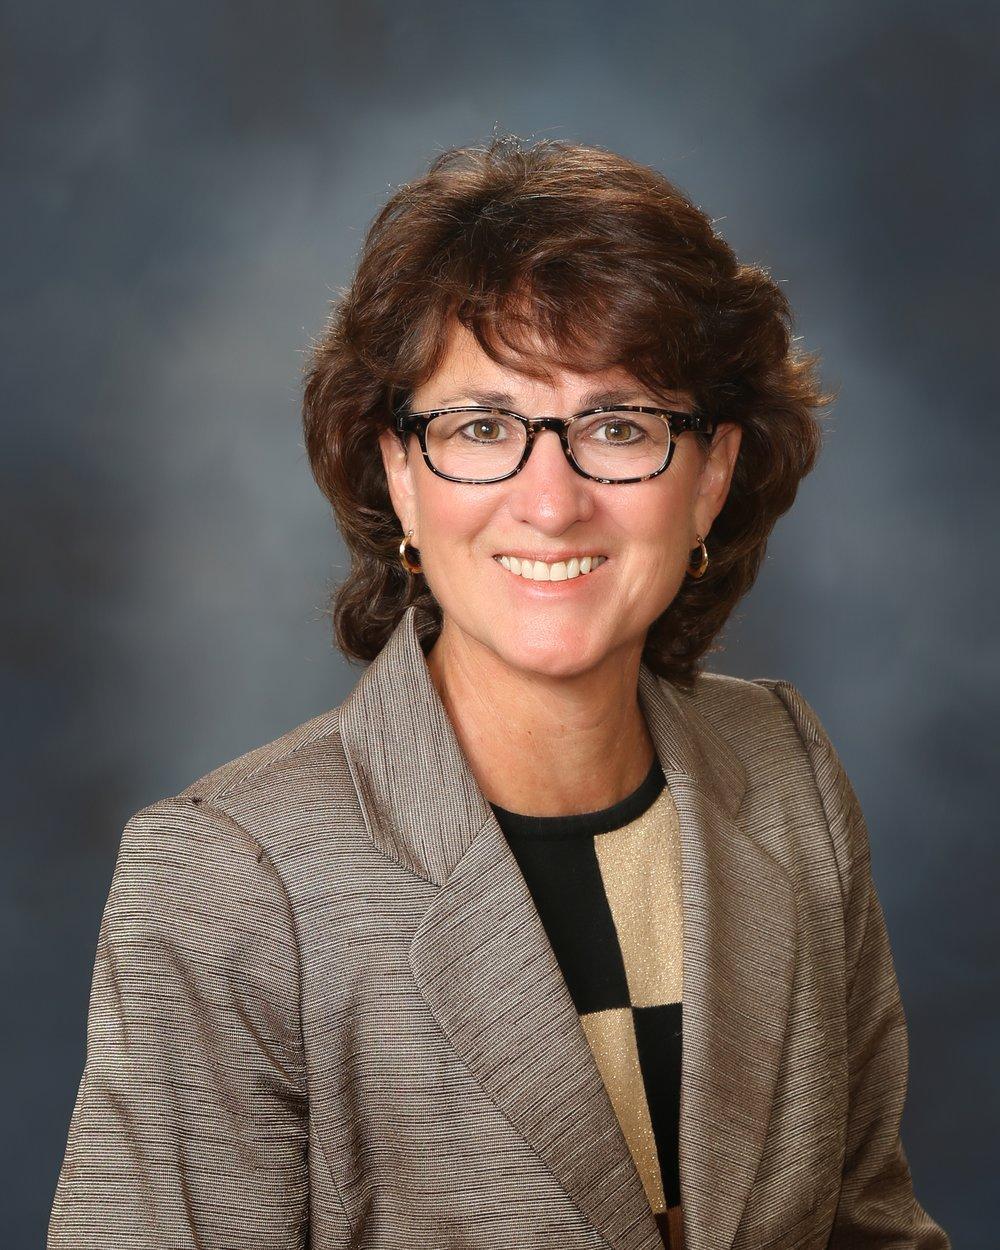 Suzanne Doscher<br>CEO